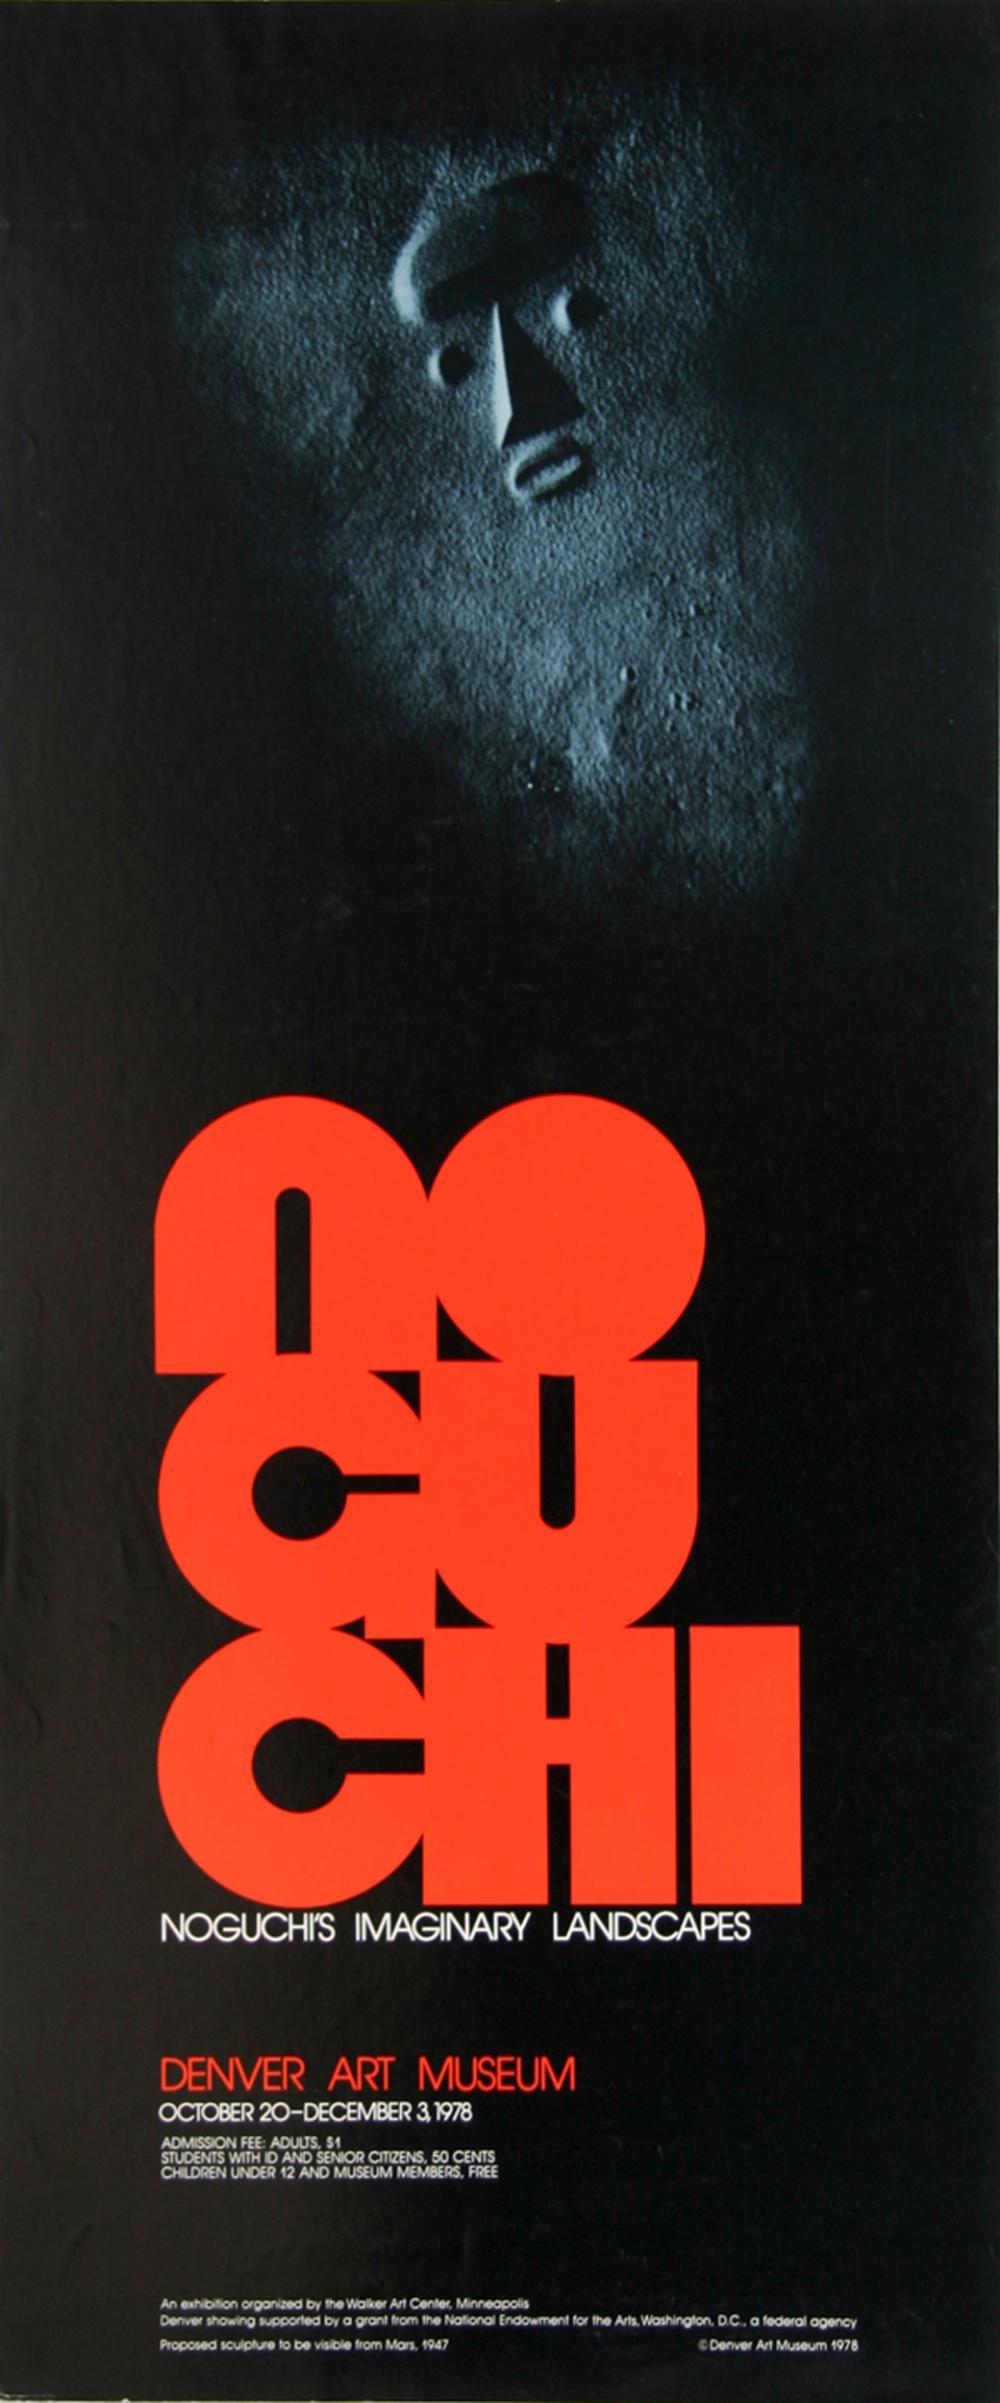 Isamu Noguchi, Imaginary Landscapes, Poster on Foil